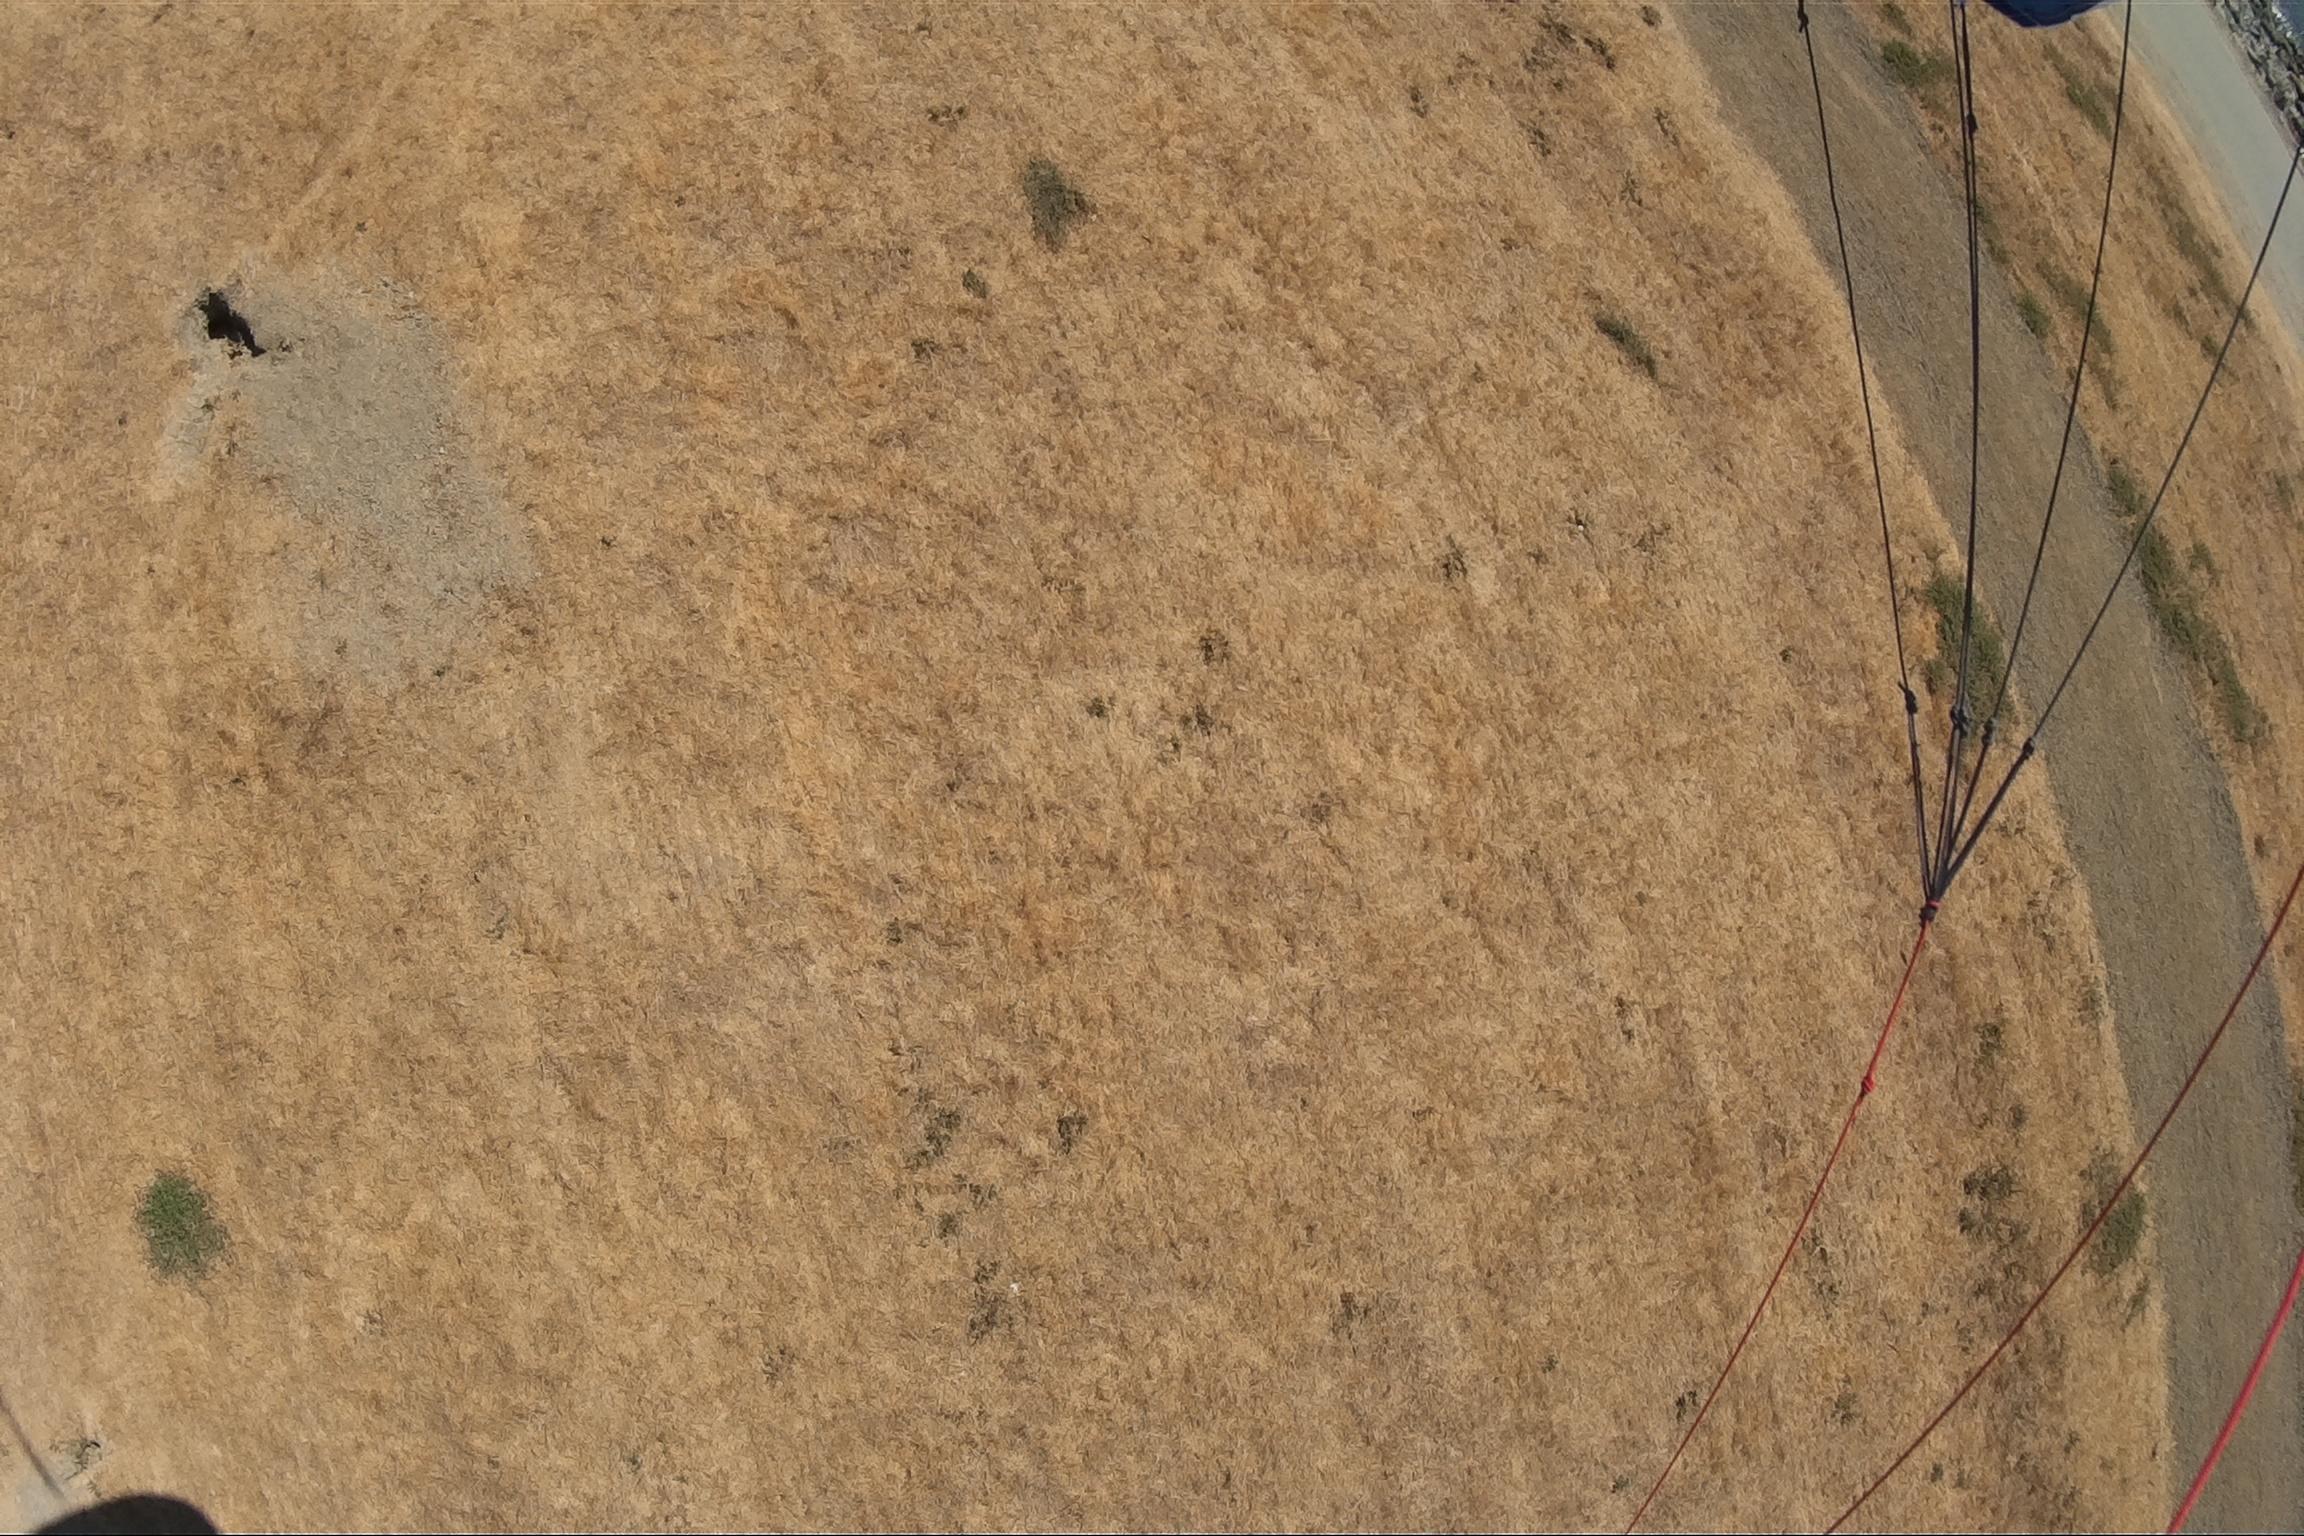 san-leandro-marina-kite-flight-9-7-14